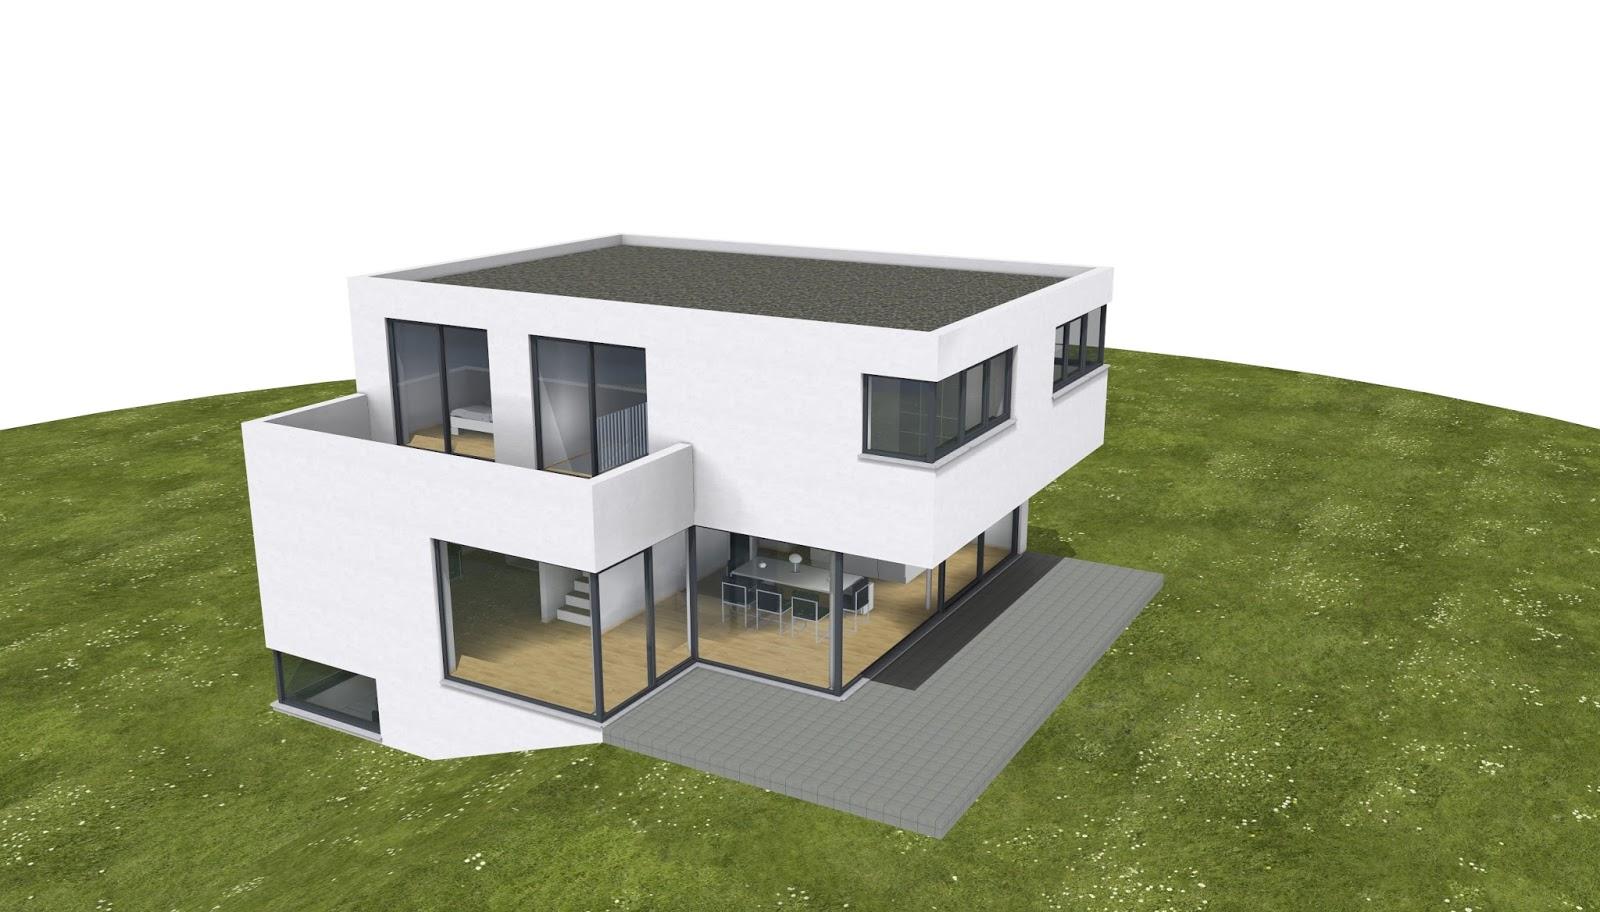 Architekt einfamilienhaus im bauhausstil 2p raum for Architekt einfamilienhaus